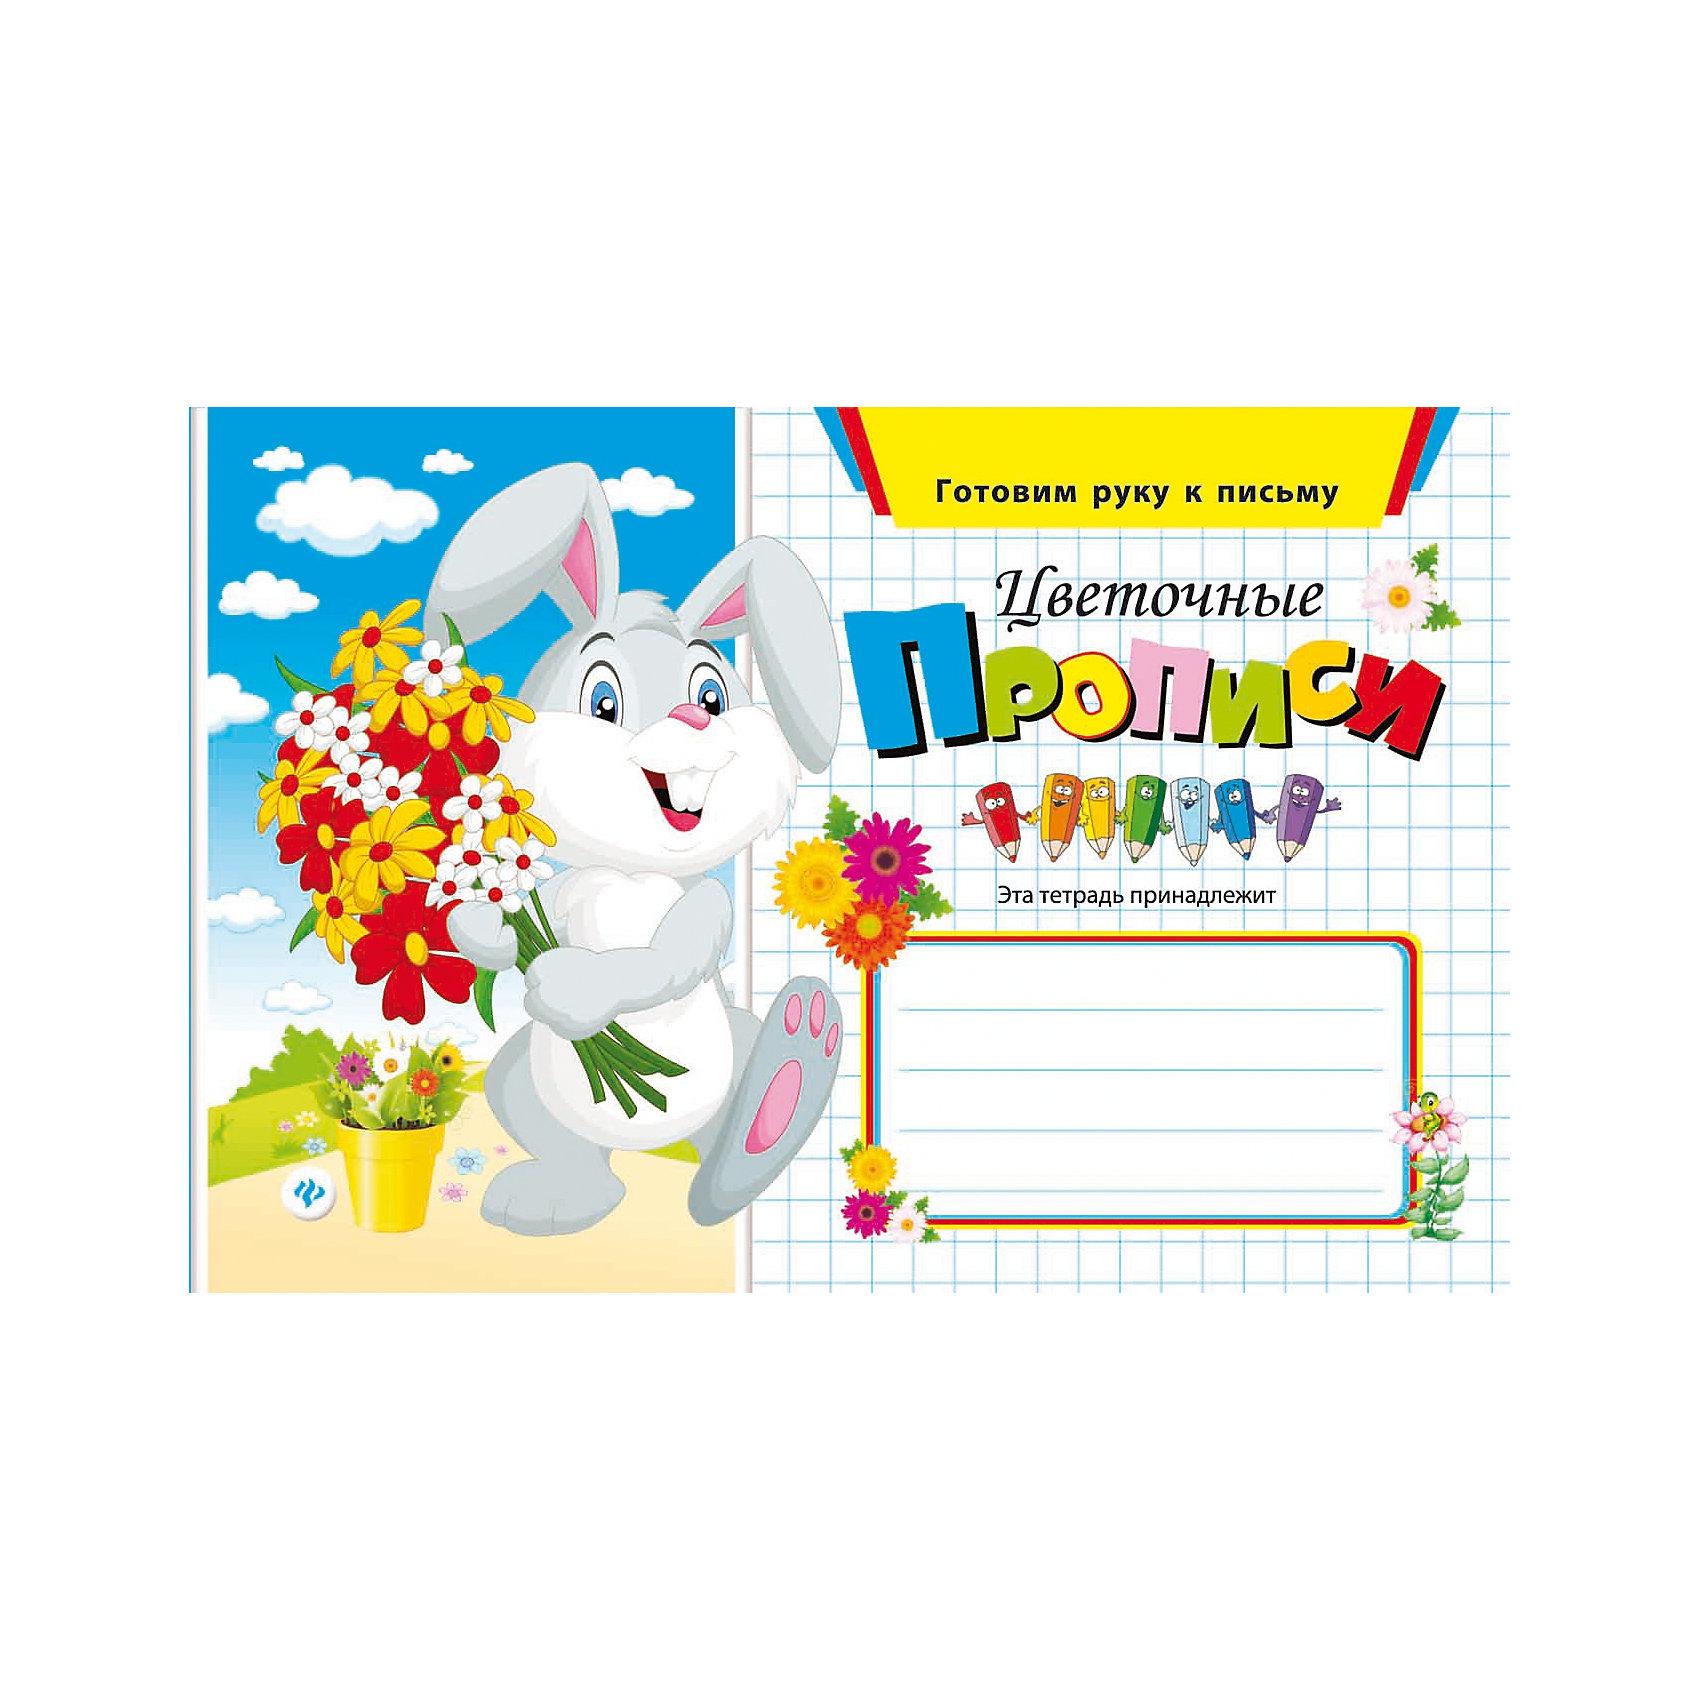 Цветочные прописи, 3-е изданиеЦветочные прописи, 3-е издание<br><br>Характеристики: <br><br>• Кол-во страниц: 16<br>• ISBN: 9785222259382<br>• Возраст: 3+<br>• Обложка: мягкая<br>• Формат: а4<br><br>Эта книга предназначены для работы с детьми 3-4 лет. Она поможет развить детям те навыки, которые особенно пригодятся им в начальной школе, когда нужно будет учиться писать буквы правильно. Занимаясь прописями, ребенок вырабатывает умение ориентироваться на листе бумаги, развивает свое зрительное восприятие и мелкую моторику, а так же координацию движений.<br><br>Цветочные прописи, 3-е издание можно купить в нашем интернет-магазине.<br><br>Ширина мм: 140<br>Глубина мм: 206<br>Высота мм: 20<br>Вес г: 34<br>Возраст от месяцев: -2147483648<br>Возраст до месяцев: 2147483647<br>Пол: Унисекс<br>Возраст: Детский<br>SKU: 5464584